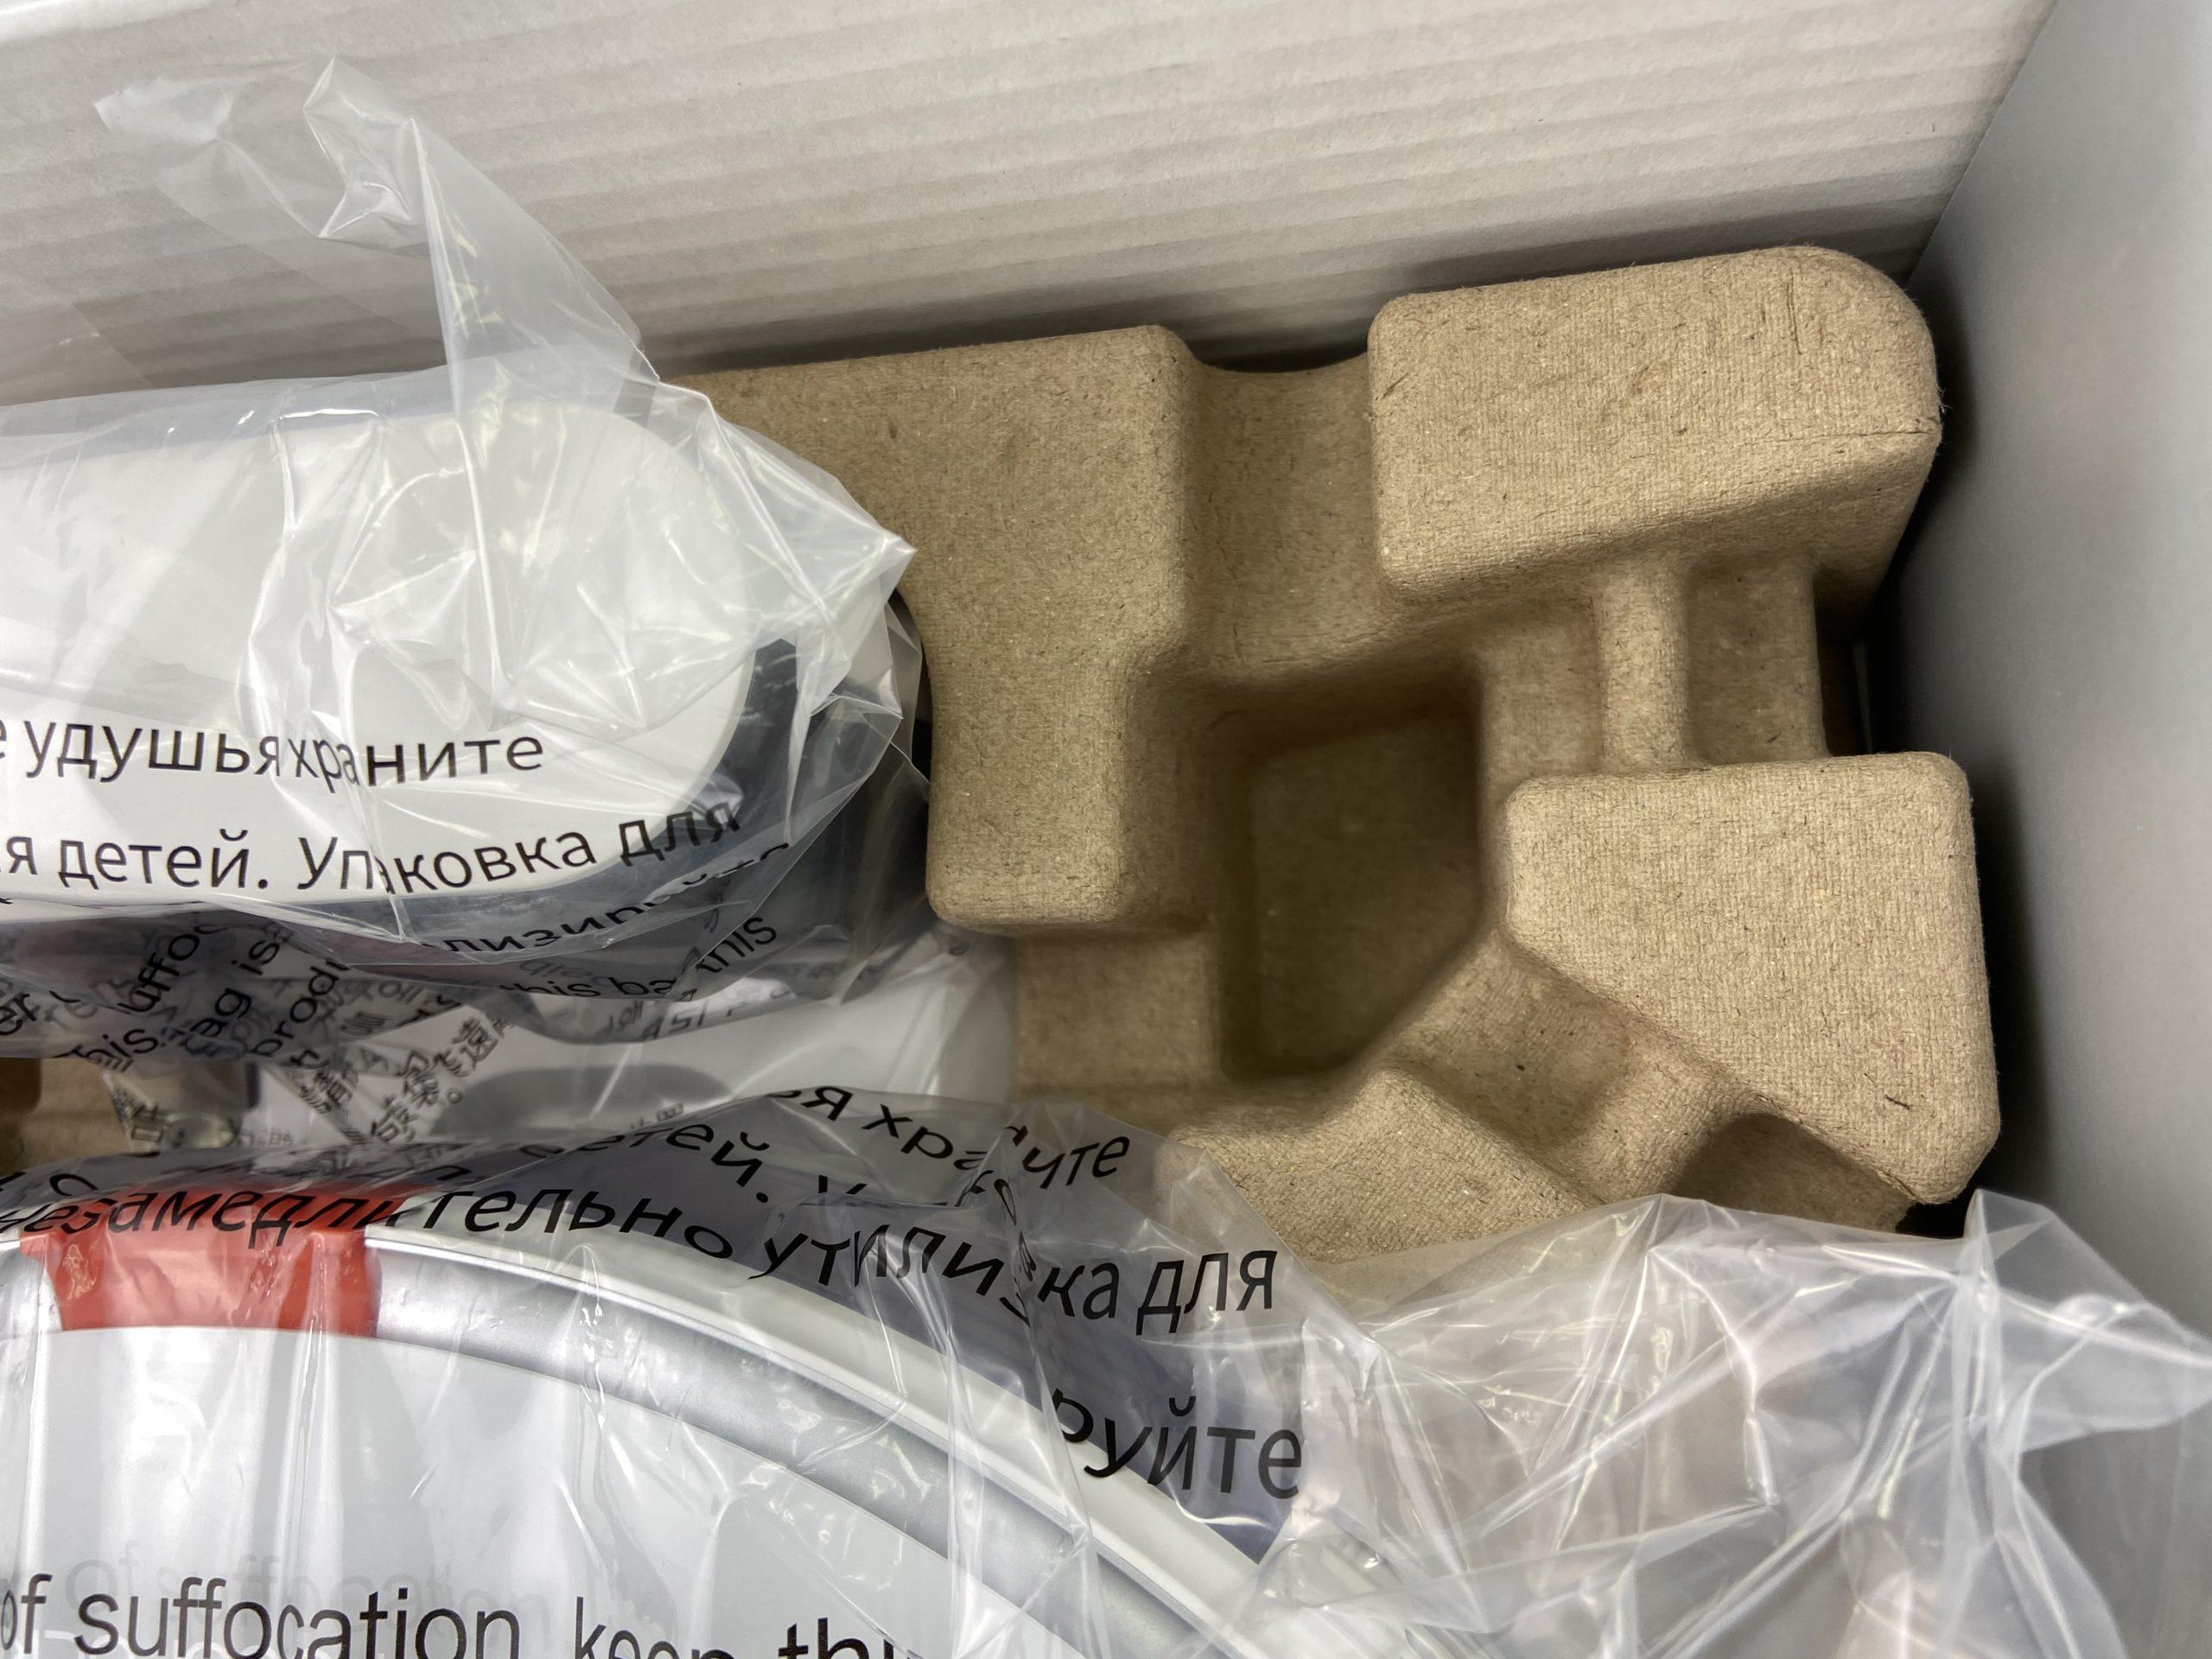 Roborock S7 石頭掃拖機器人 包裝介紹 圖3